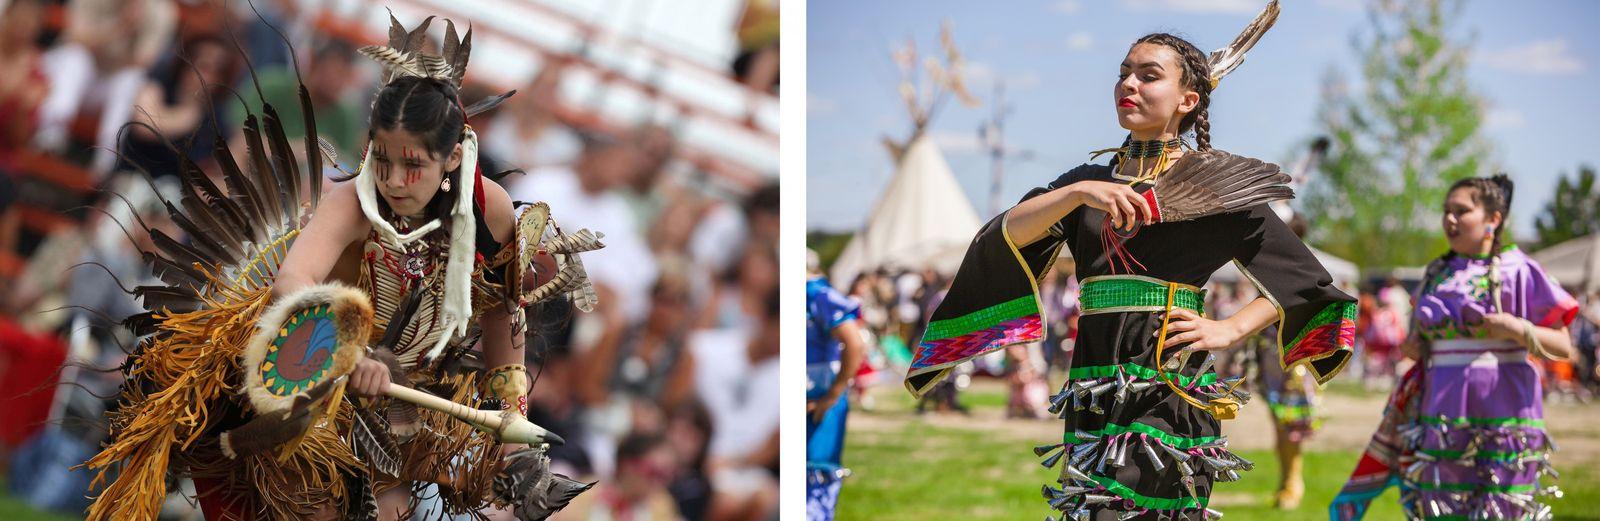 GAUCHE: Tout au long de l'été, les pow-wow célèbrent la culture des peuples autochtones à travers ...